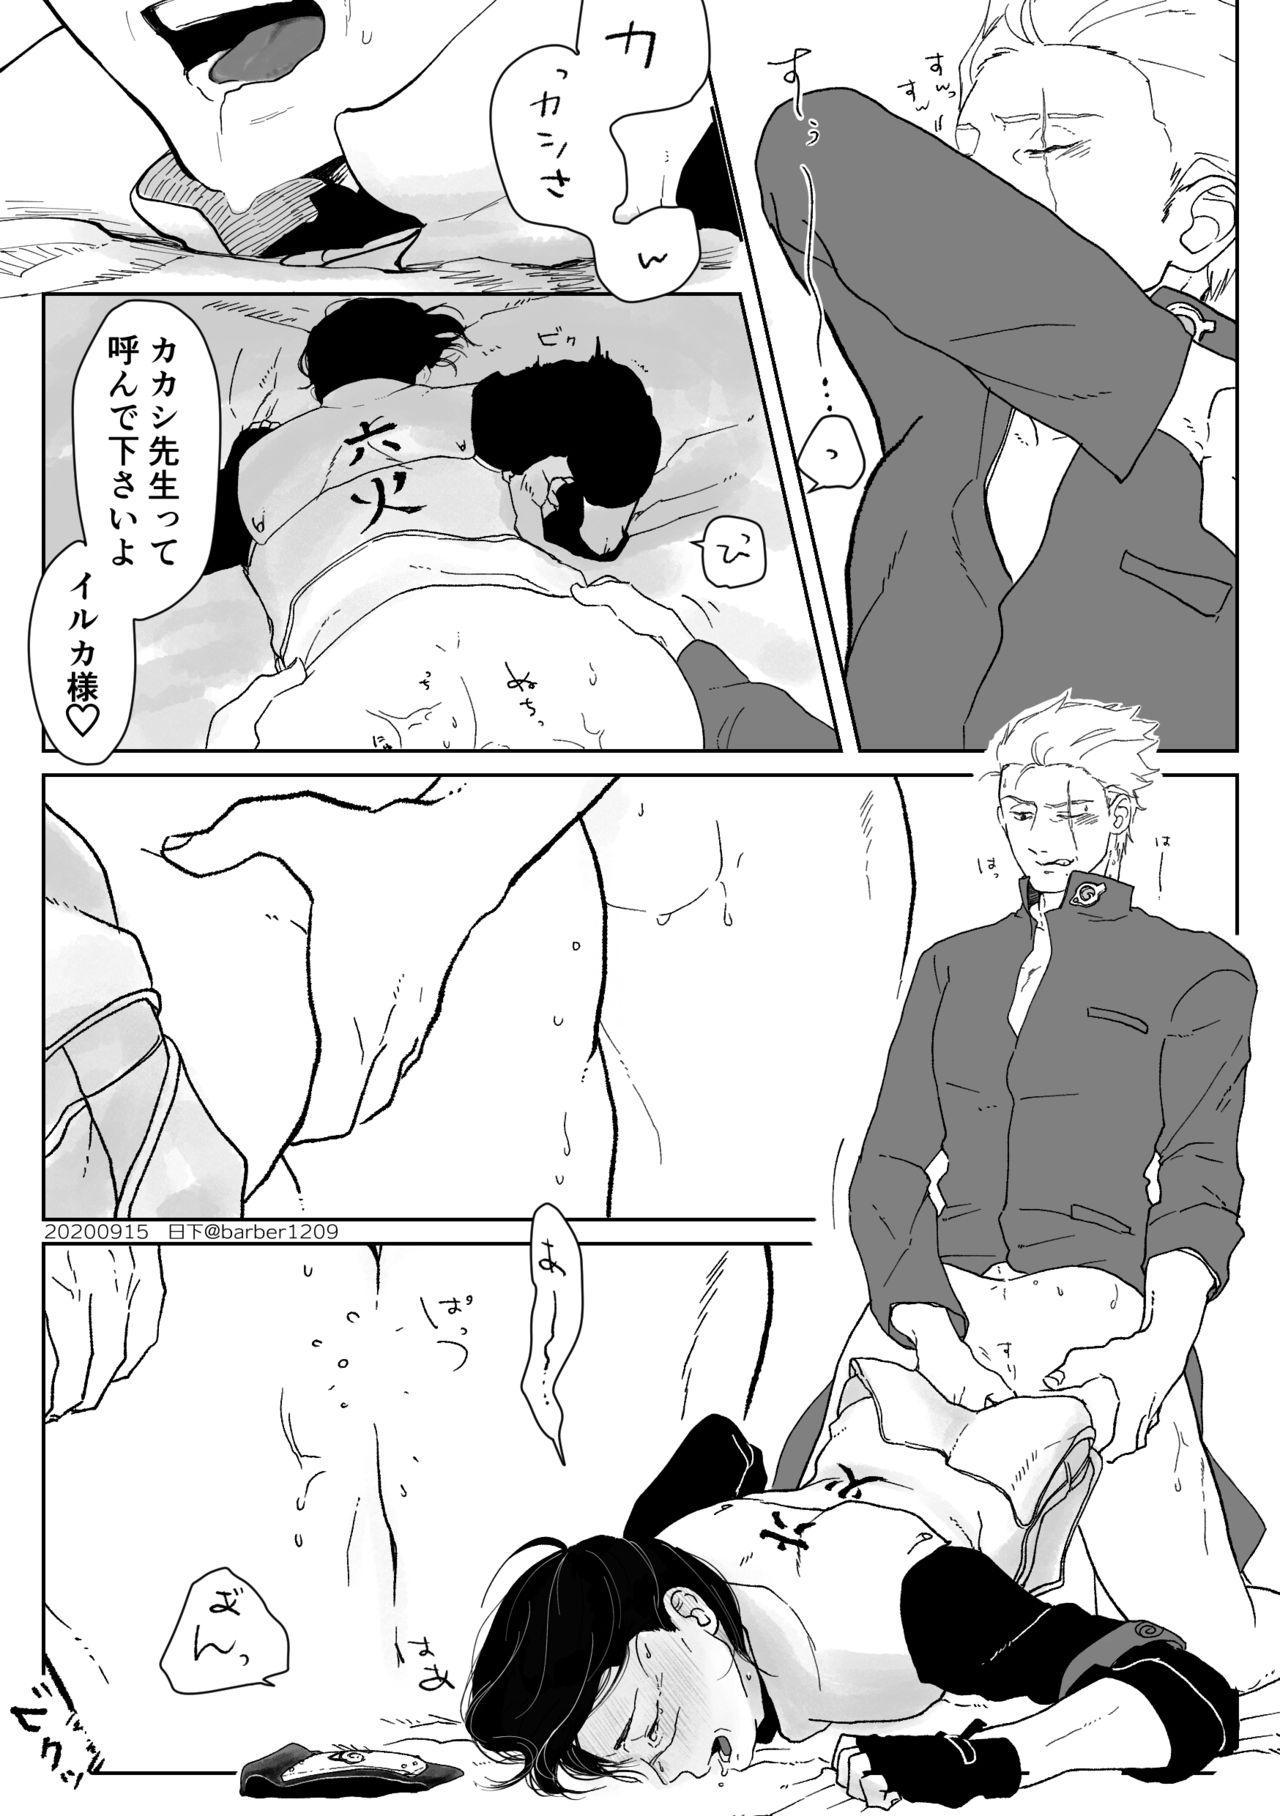 Yoru no Bu 7